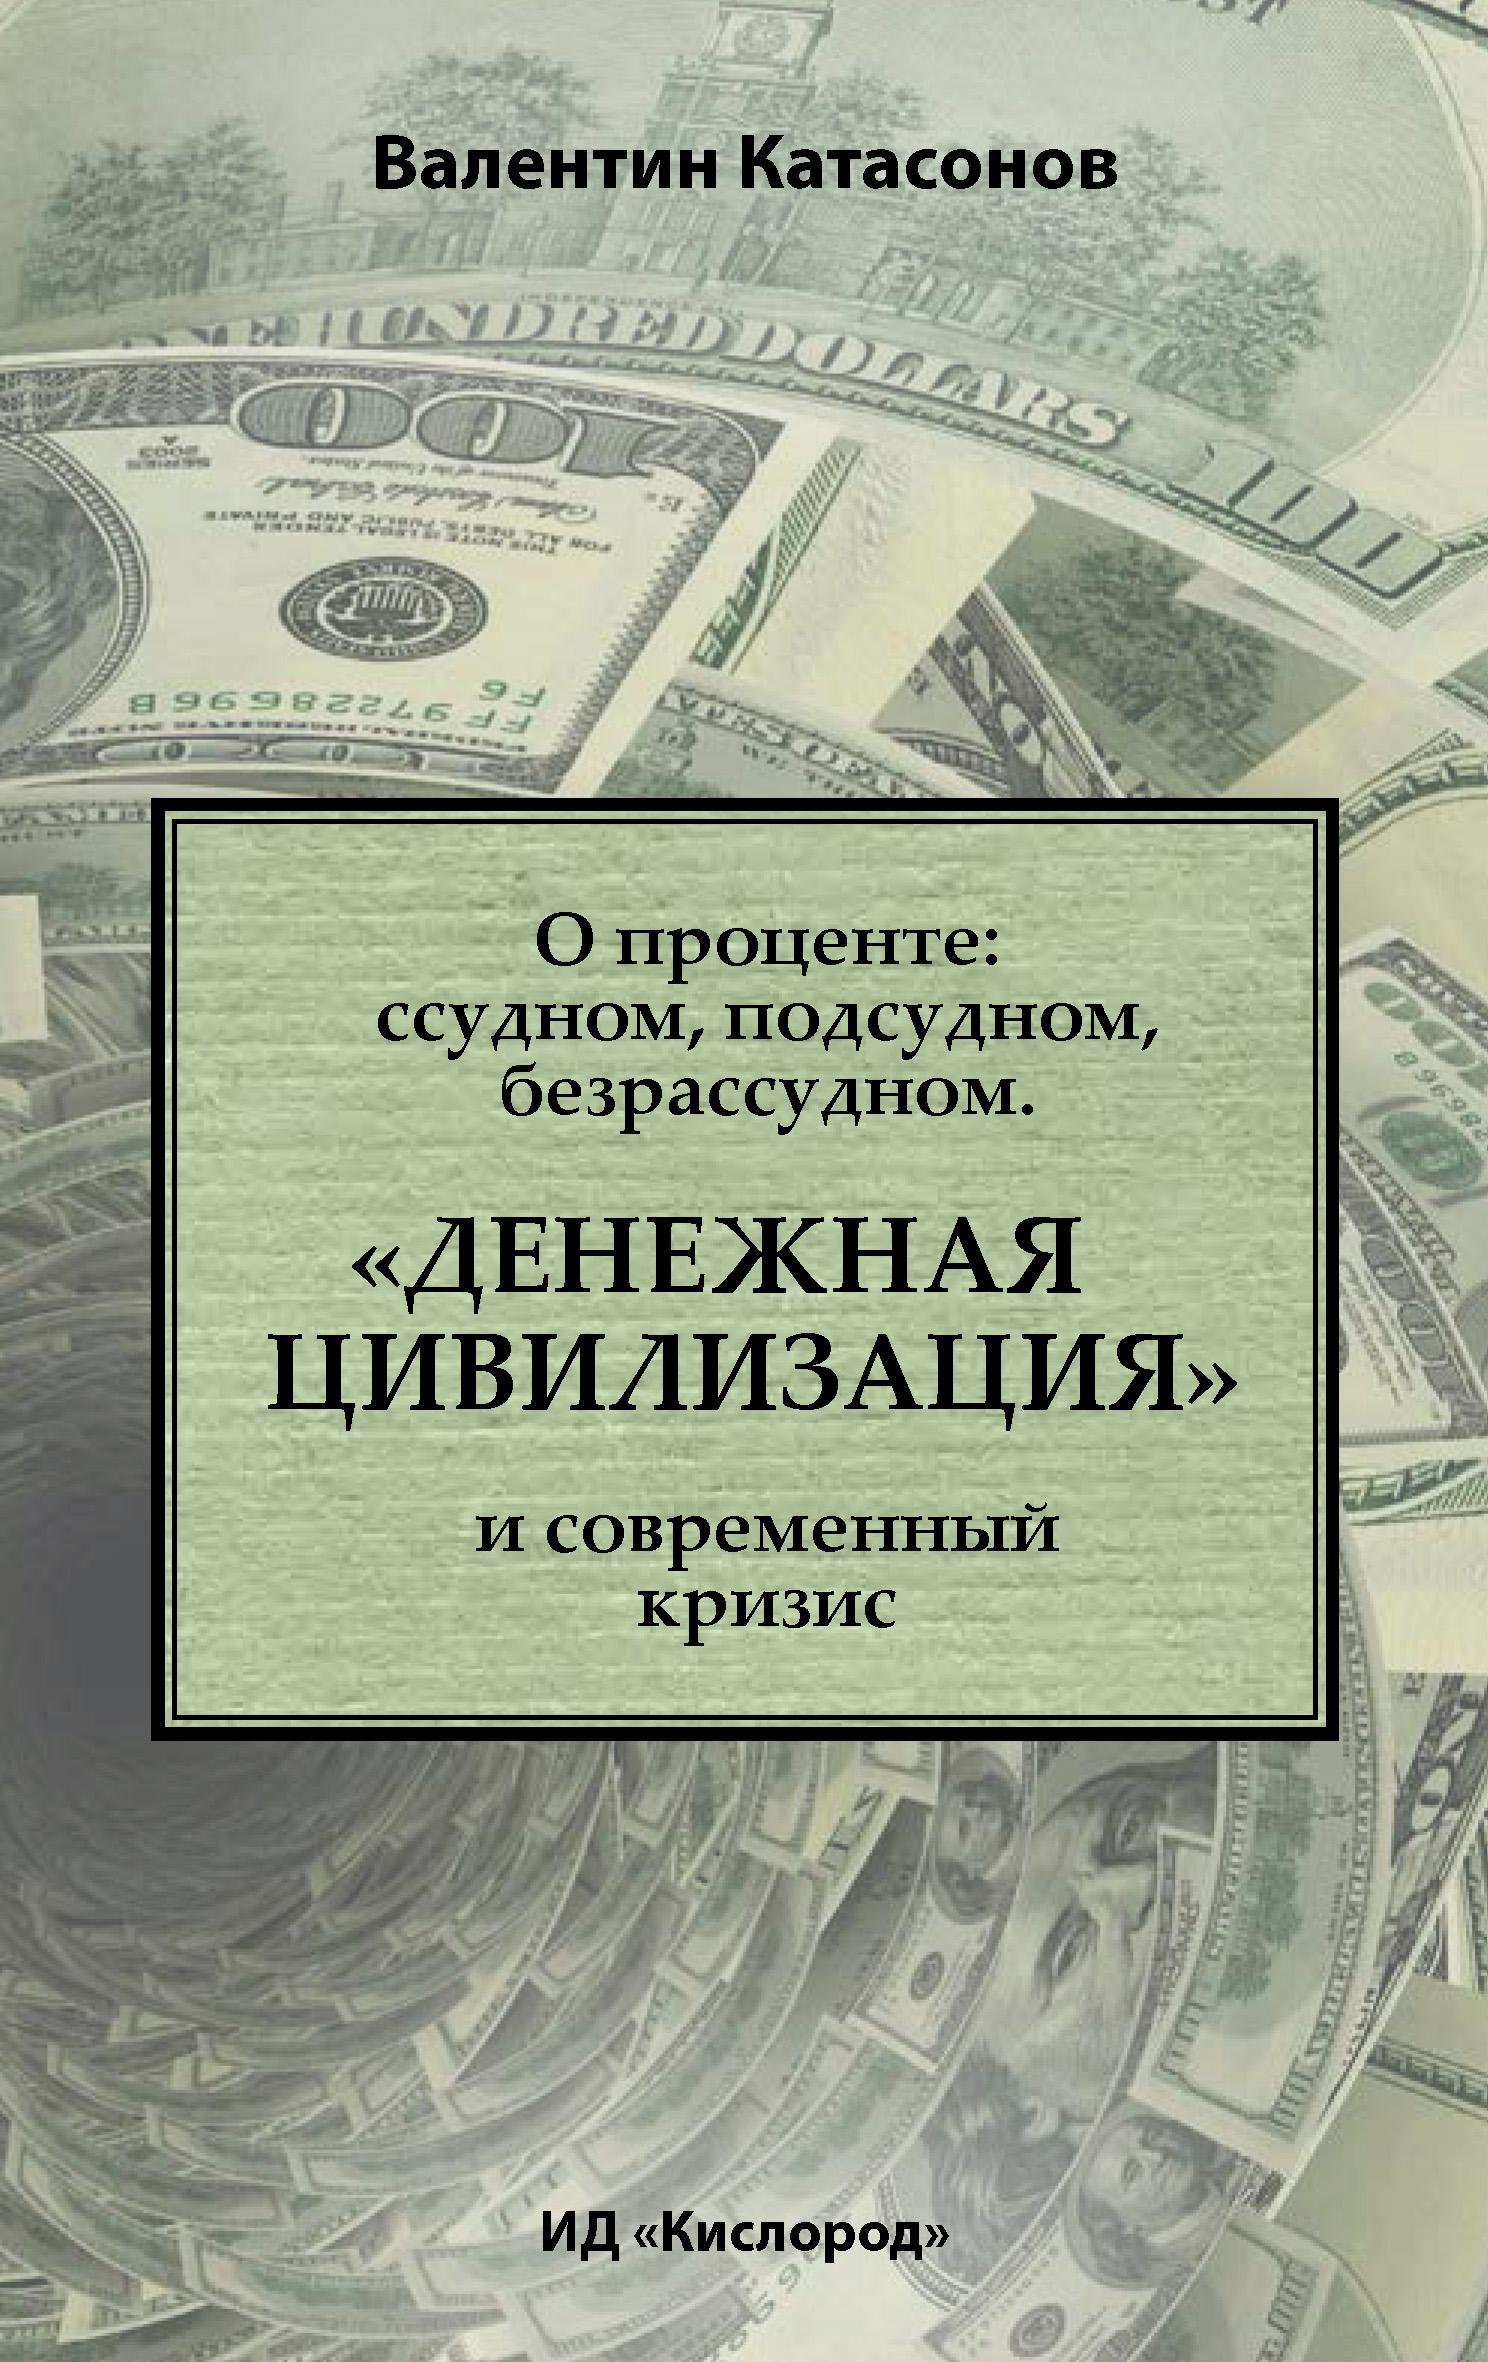 Обложка книги О проценте: ссудном, подсудном, безрассудном. «Денежная цивилизация» и современный кризис